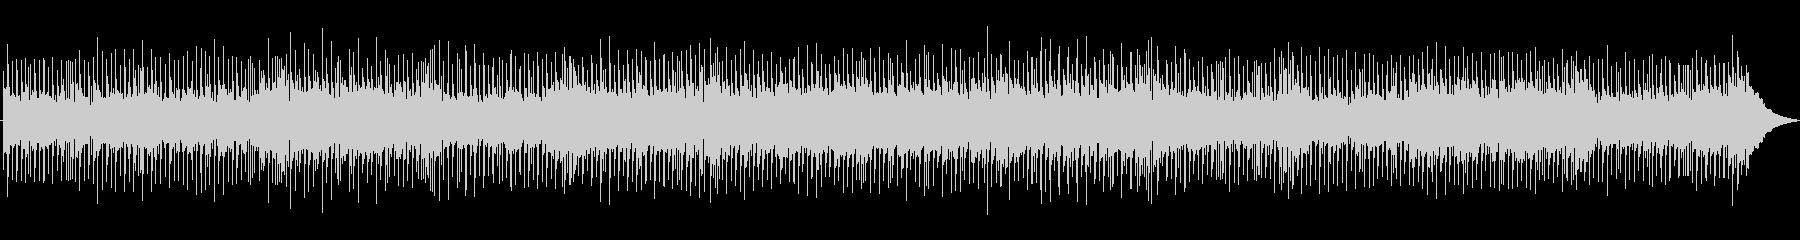 ストレートなカントリーロックの未再生の波形